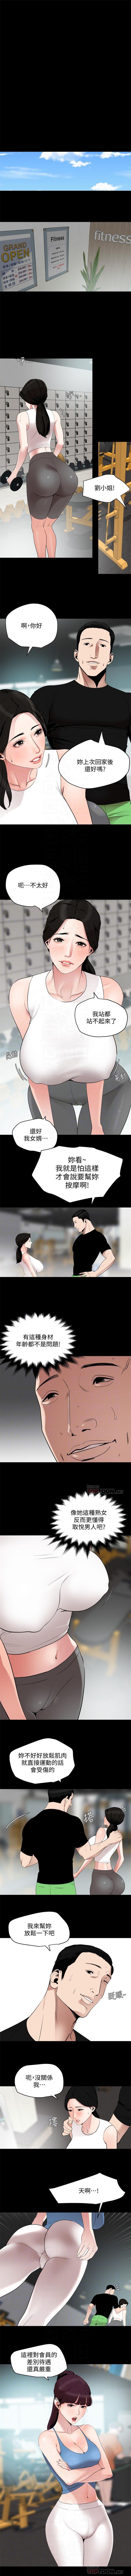 與岳母同屋 1-16 官方中文(連載中) 67